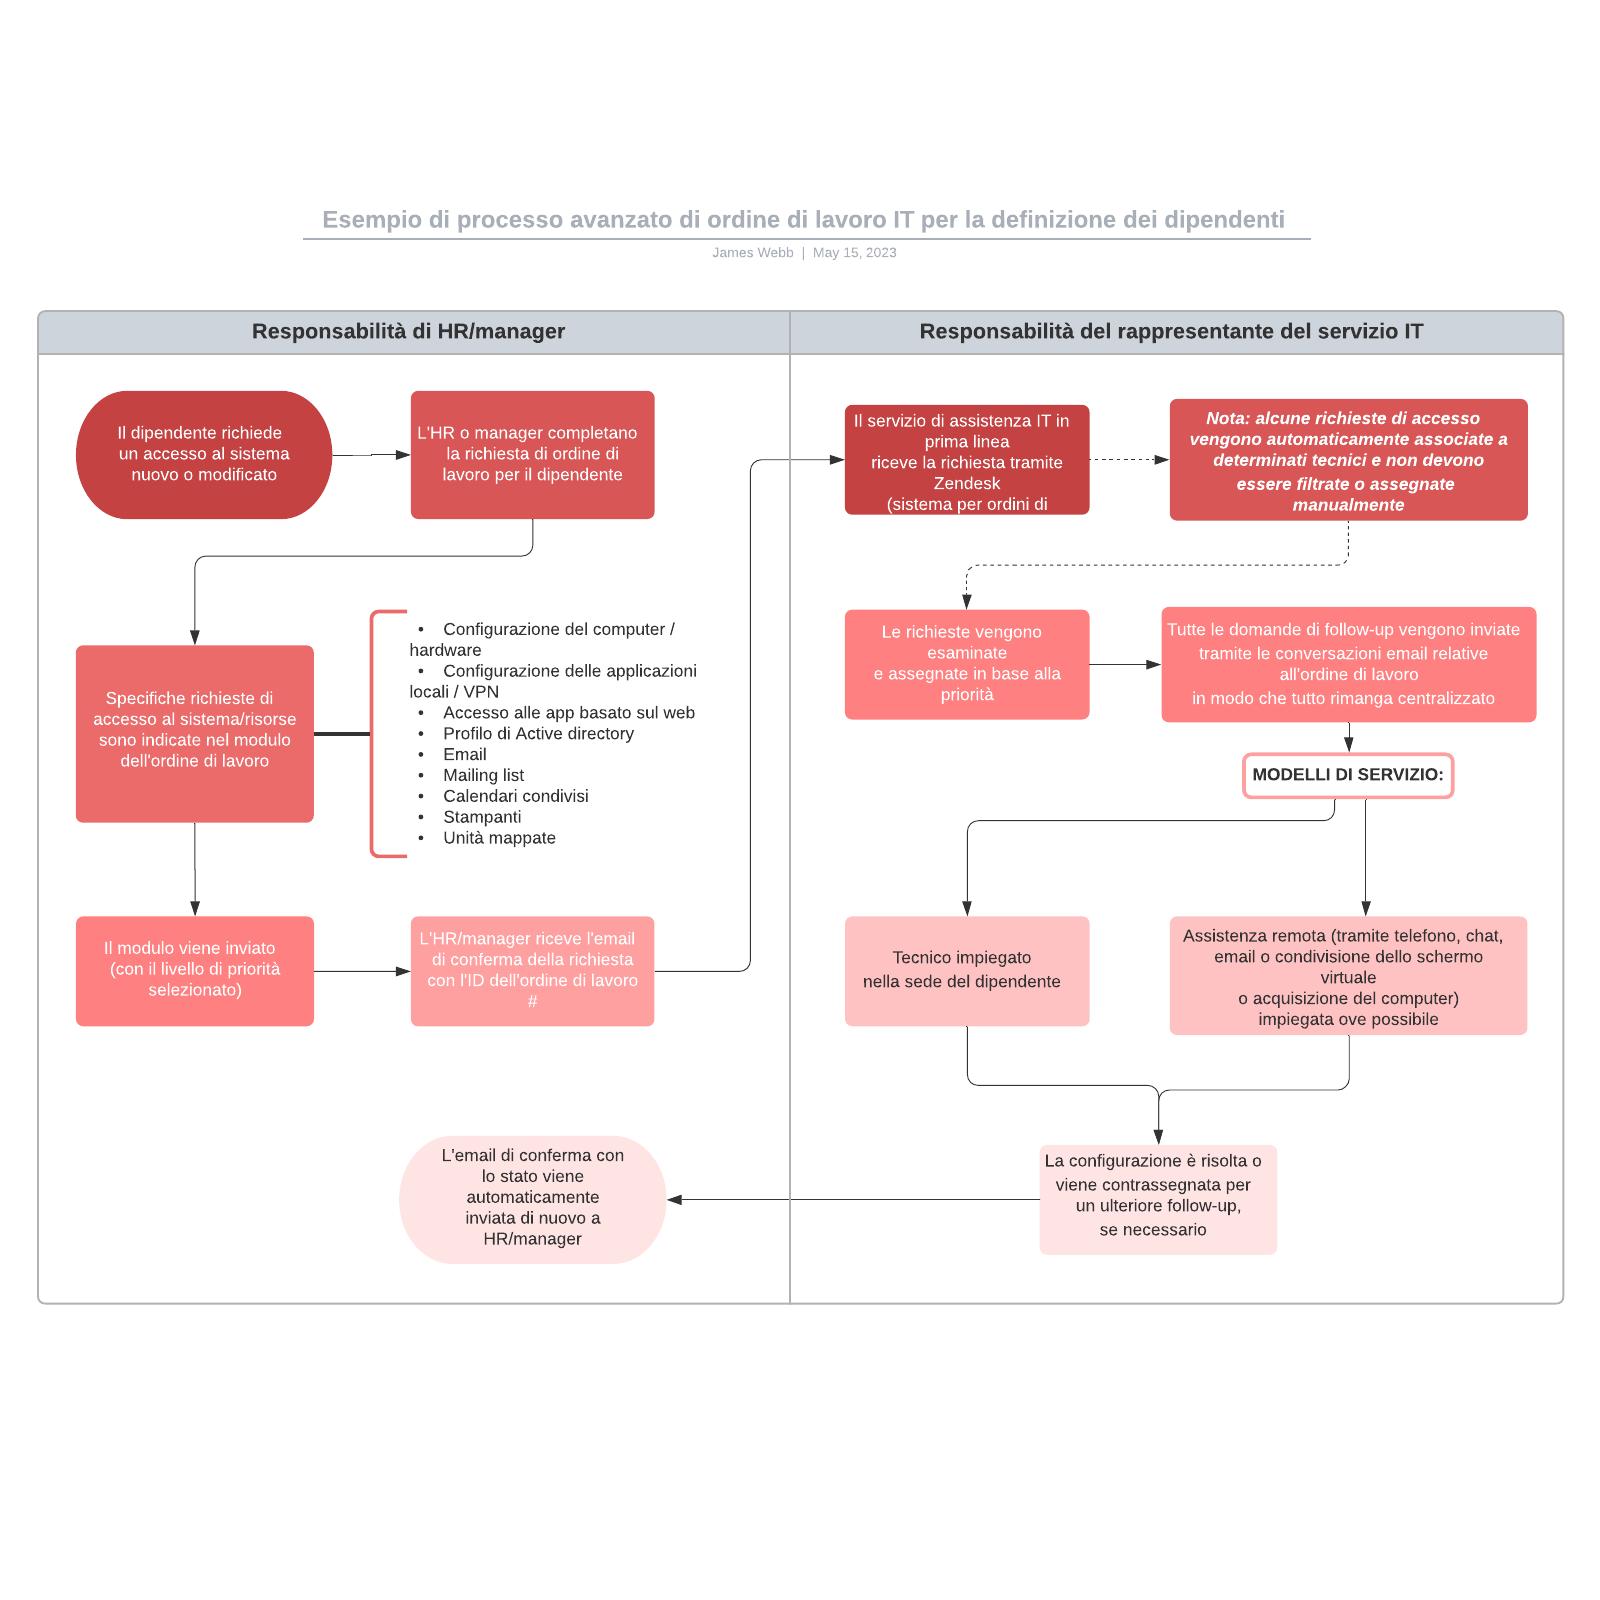 Esempio di processo avanzato di ordine di lavoro IT per la definizione dei dipendenti